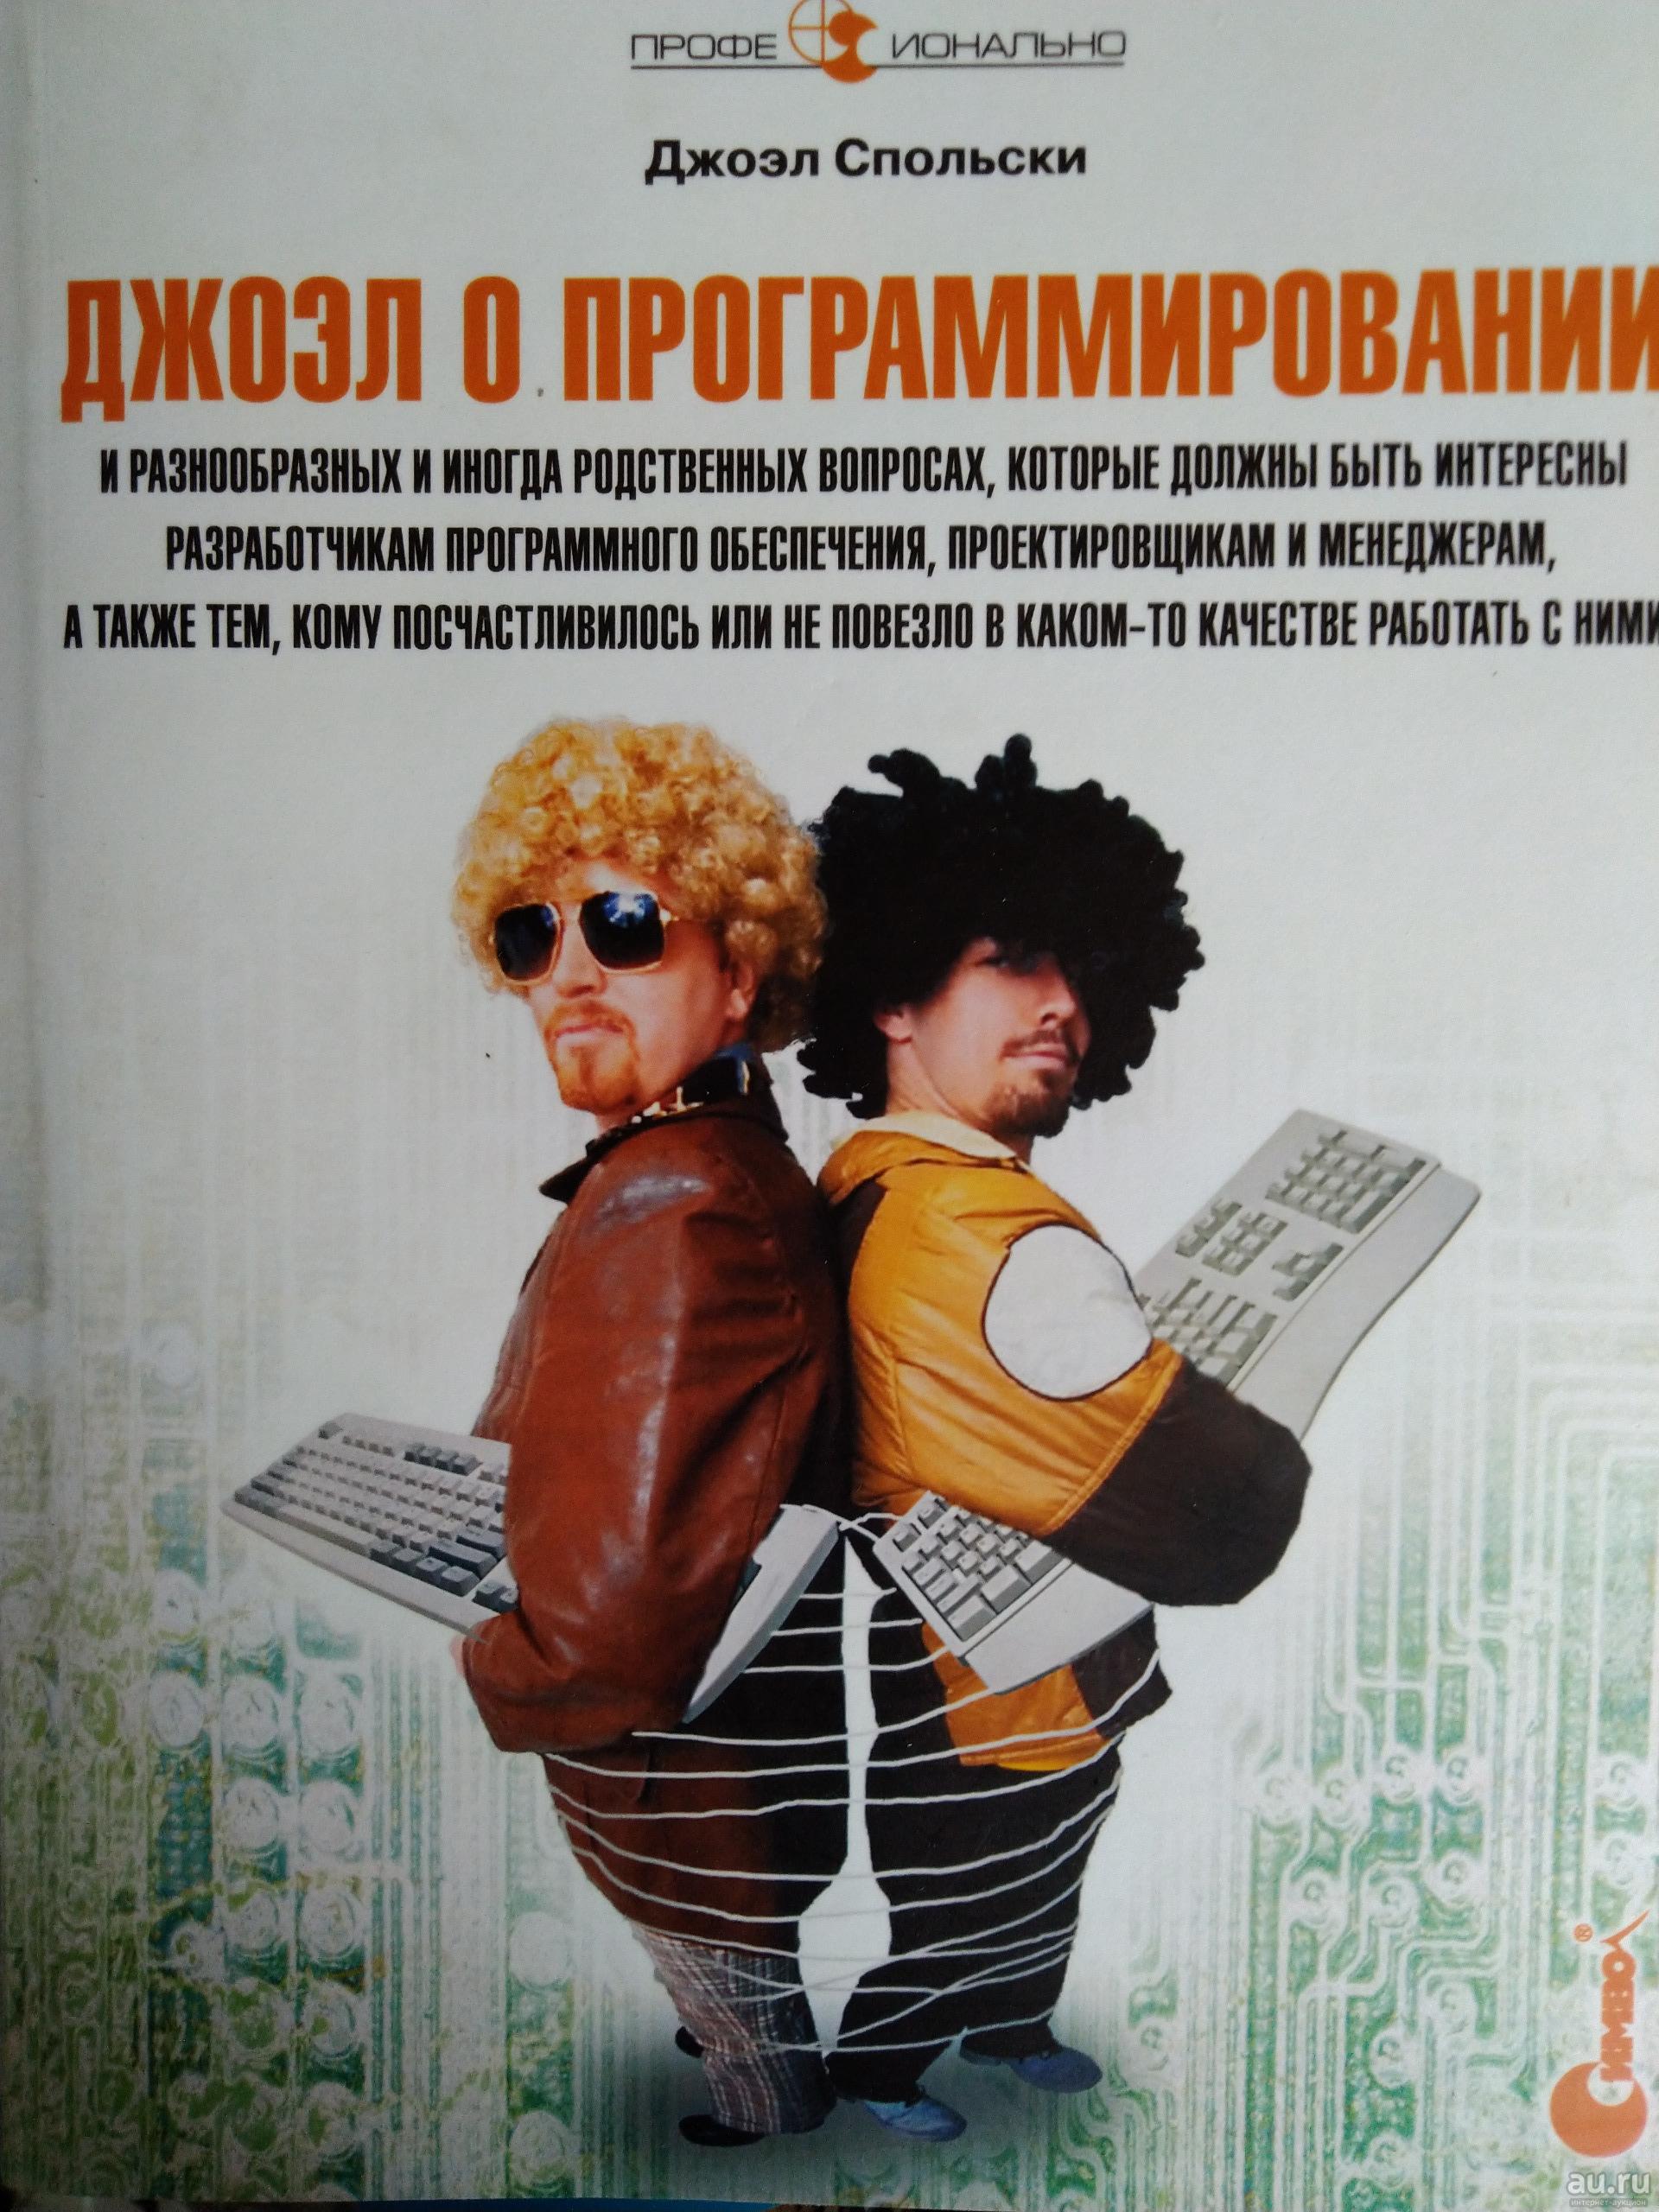 Джоэл о программировании, 2008, Спольски Дж.